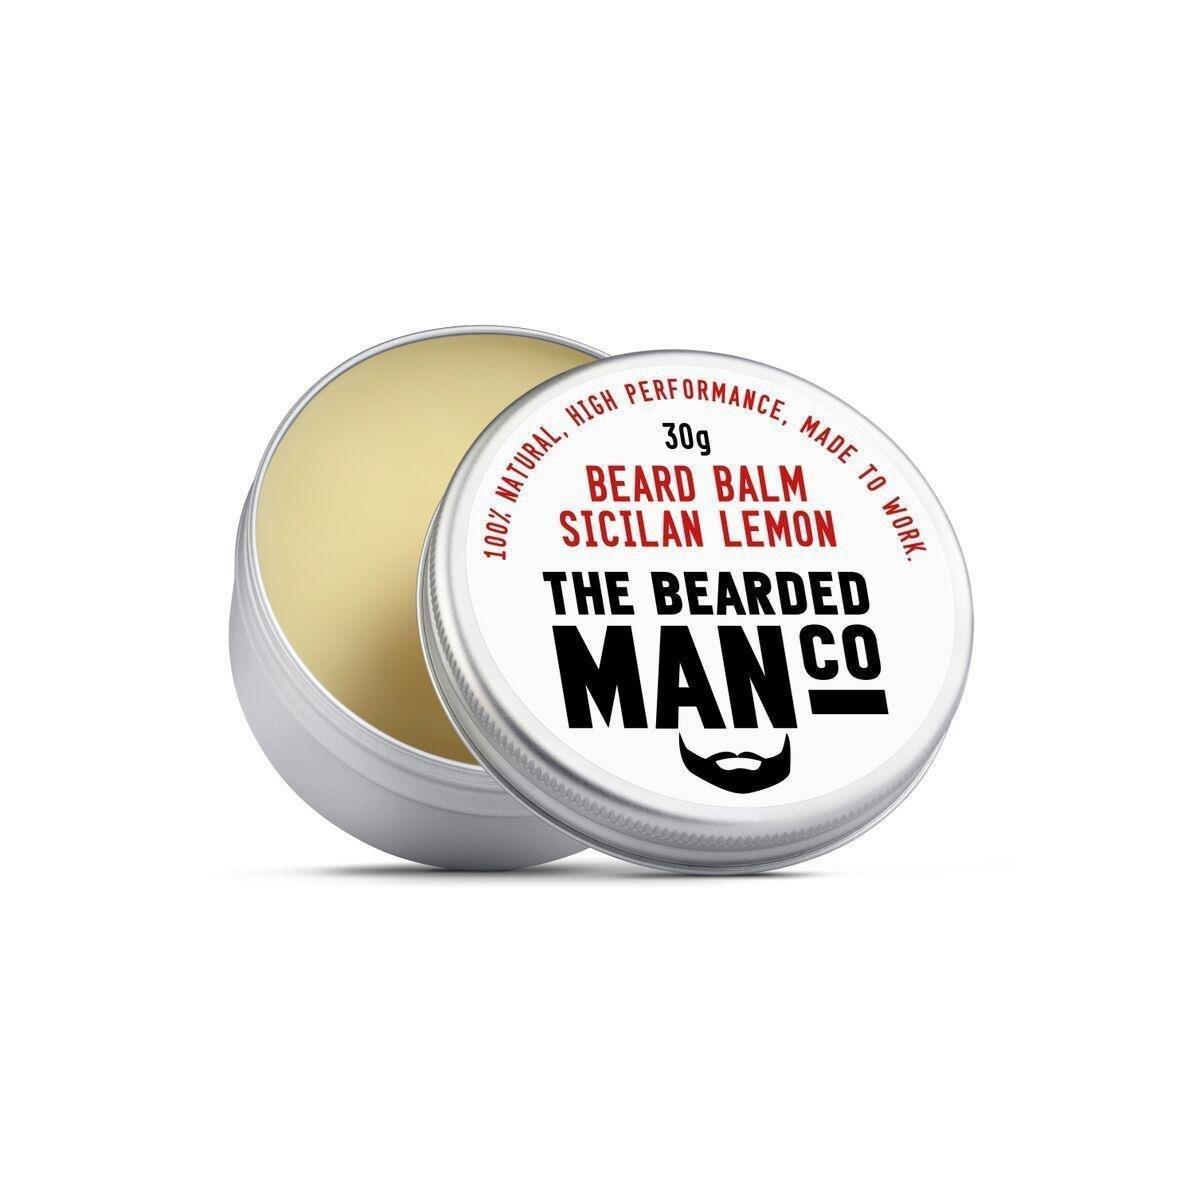 The Bearded Man Beard Balm silician Lemon 30g